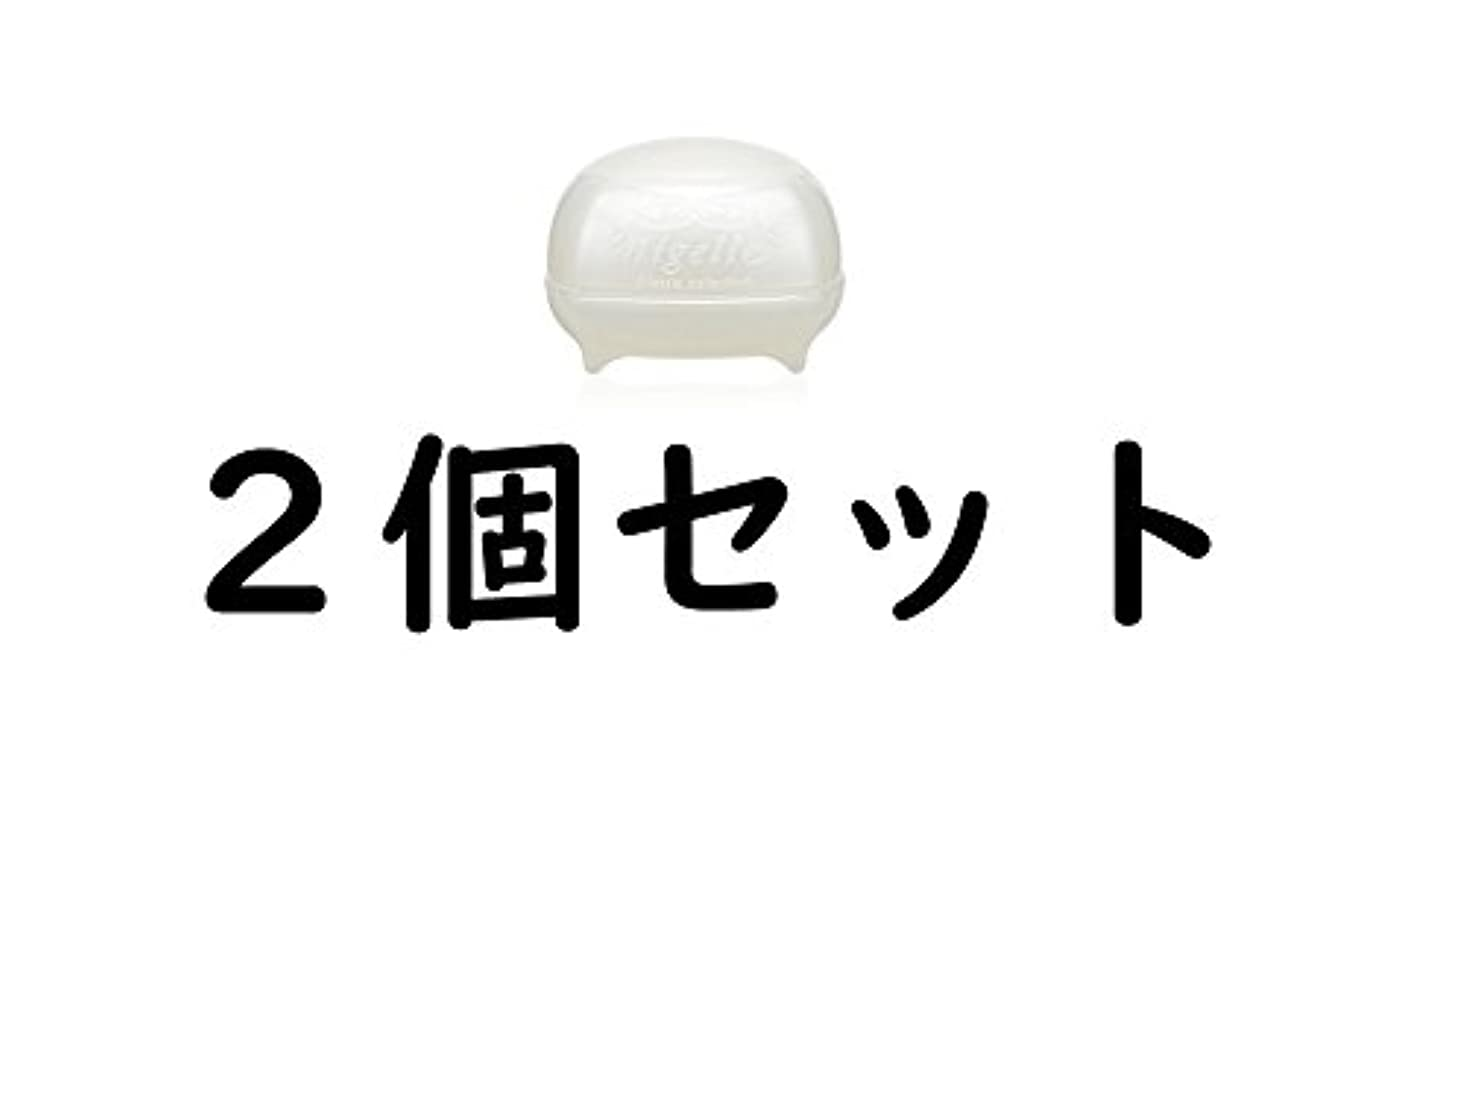 廃棄する起きる痛み【X2個セット】 ミルボン ニゼル トレイスワックス 80g (ニゼルドレシアコレクション) TRACE WAX MILBON